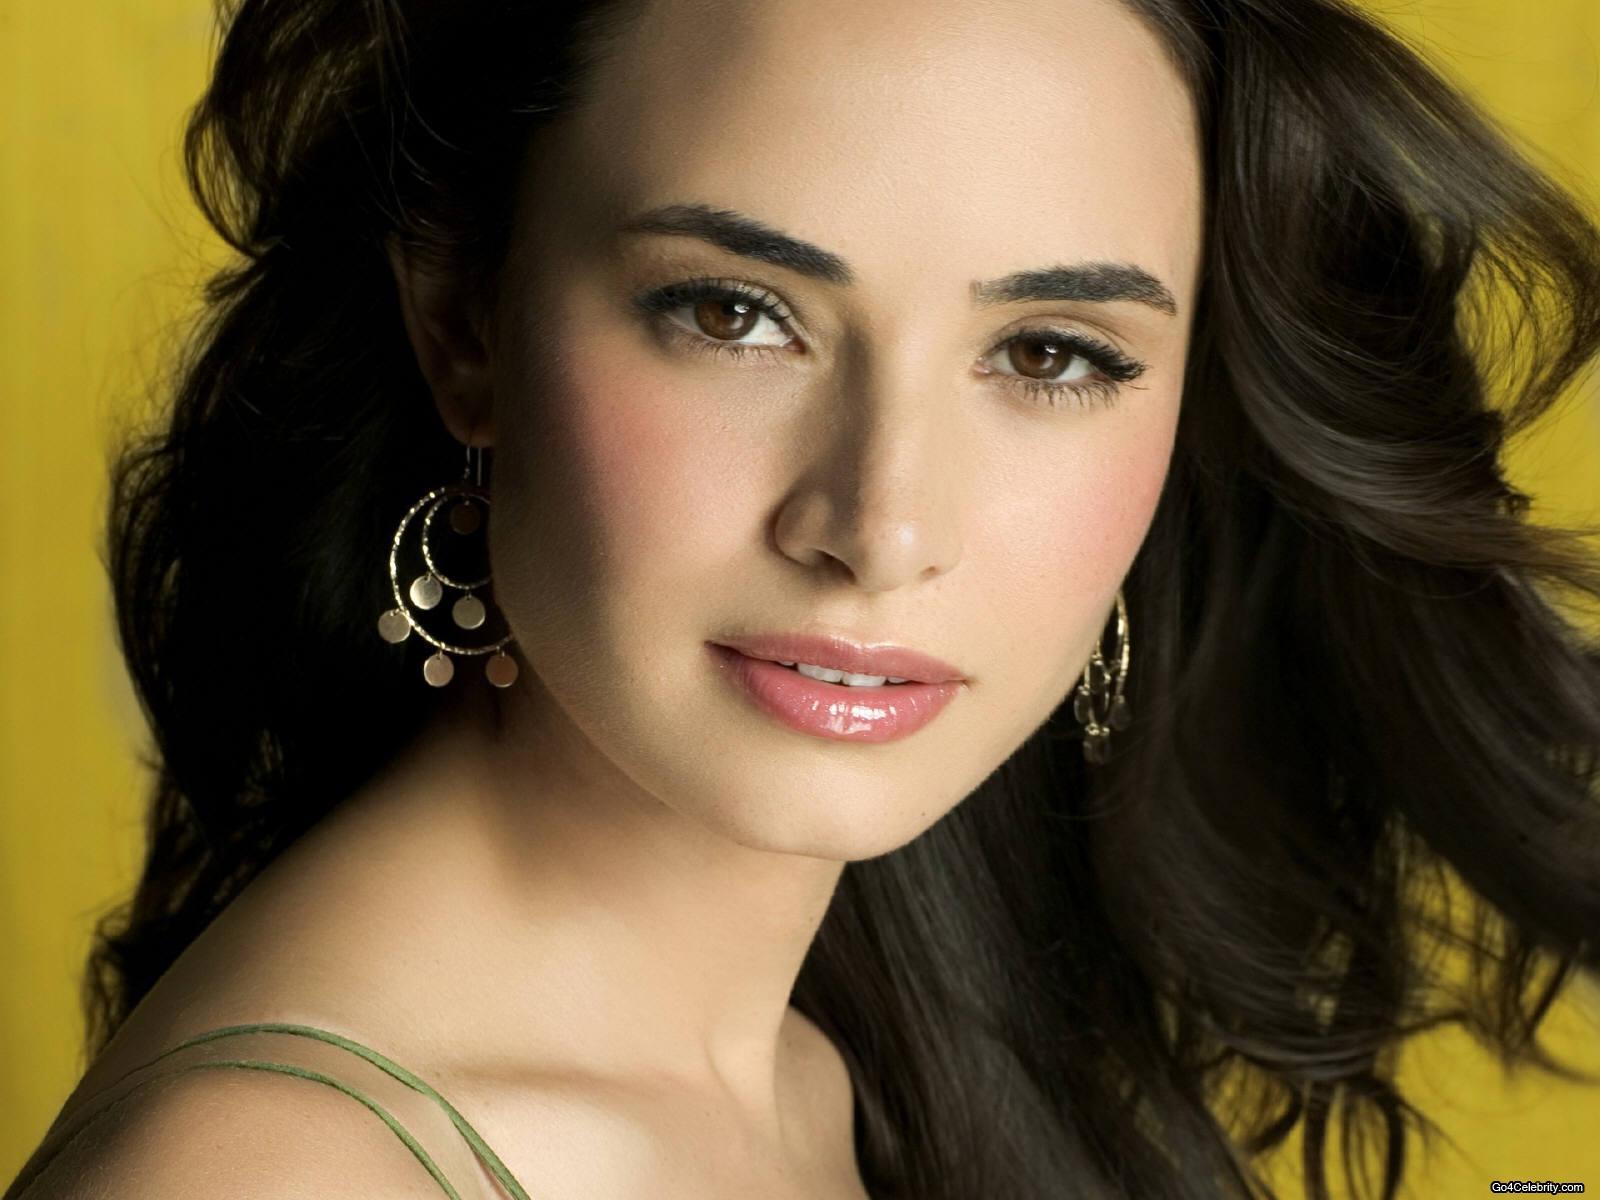 http://3.bp.blogspot.com/_vTbF77YL8gw/TKUW3Xl-HqI/AAAAAAAADRc/rCwI9L96Lm4/s1600/Mia-Maestro-Argentine-actress-1.jpg